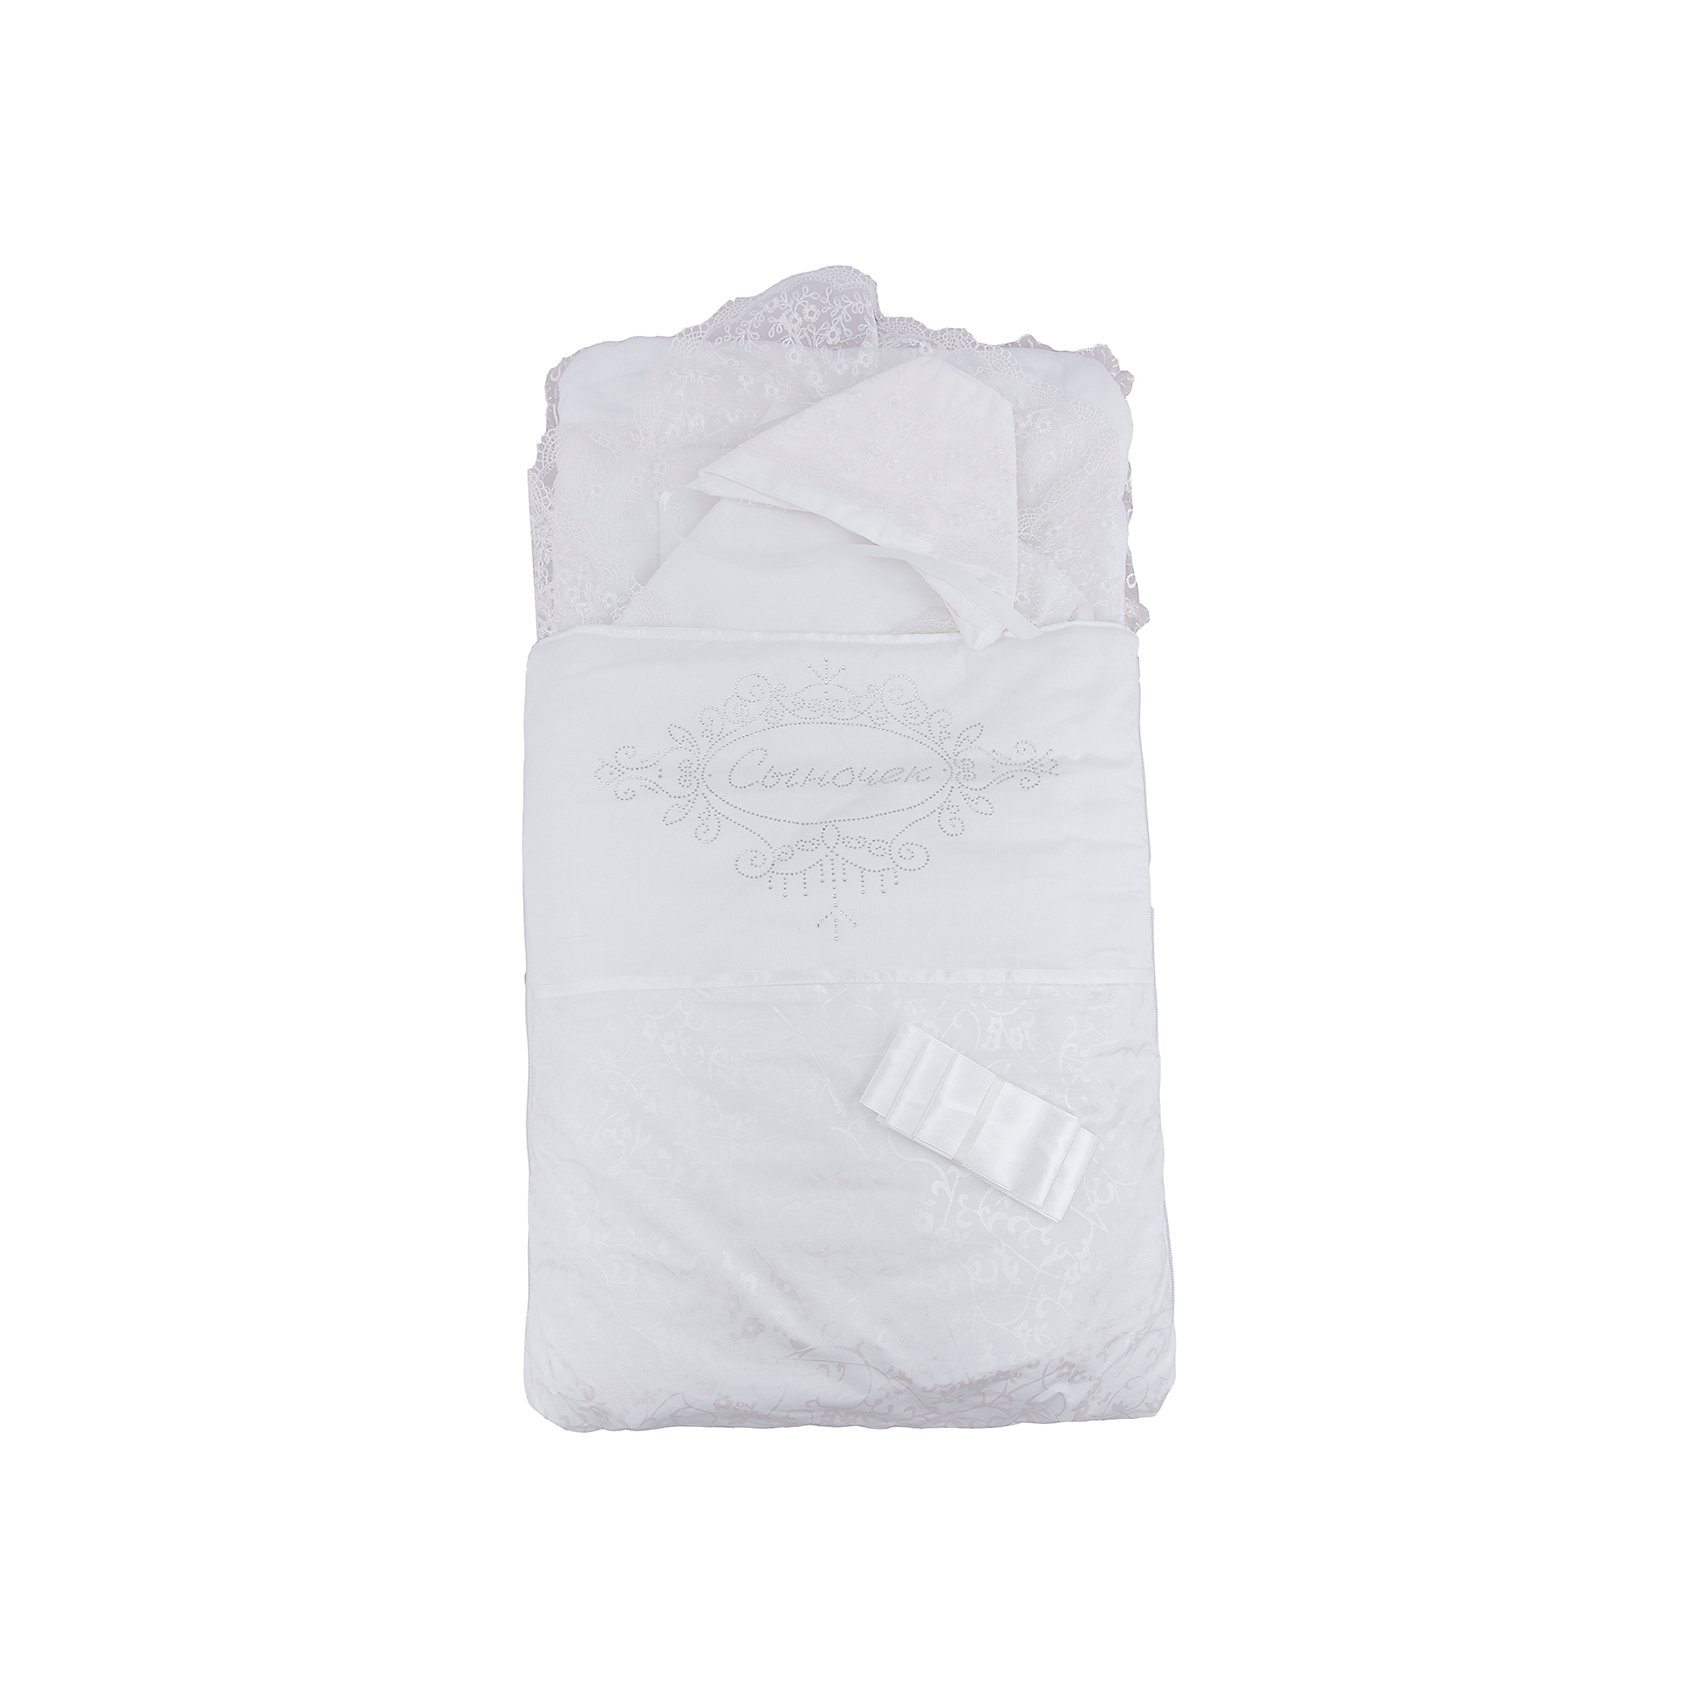 Комплект на выписку 4 пред. СЫНОЧЕК, Арго, шампаньКонверты на выписку<br>Момент выписки мамы с ребенком из роддома - один из самых трогательных. Сделать его более торжественным поможет красивый комплект для выписки. Он состоит из четырех предметов: конверта, нарядного одеяла, нарядного чепчика и атласной ленточки.<br>Одеяло сшито из красивого сатина и обшито кружевами. Конверт - из тика и сатина, украшен стразами Сыночек. Материалы подобраны специально для новорожденных. Они гипоаллергенны, пропускают воздух, не вызывают раздражения.<br><br>Дополнительная информация:<br><br>цвет: шампань;<br>материал: тик, сатин - 100% хлопок;<br>комплектация: конверт, одеяло, чепчик, ленточка;<br>размеры одеял: 45х75 и 90х90 см;<br>возраст: 0-6 месяцев.<br><br>Комплект на выписку 4 пред. СЫНОЧЕК, шампань, от компании Арго можно купить в нашем магазине.<br><br>Ширина мм: 900<br>Глубина мм: 500<br>Высота мм: 150<br>Вес г: 500<br>Возраст от месяцев: 0<br>Возраст до месяцев: 6<br>Пол: Унисекс<br>Возраст: Детский<br>SKU: 4720108